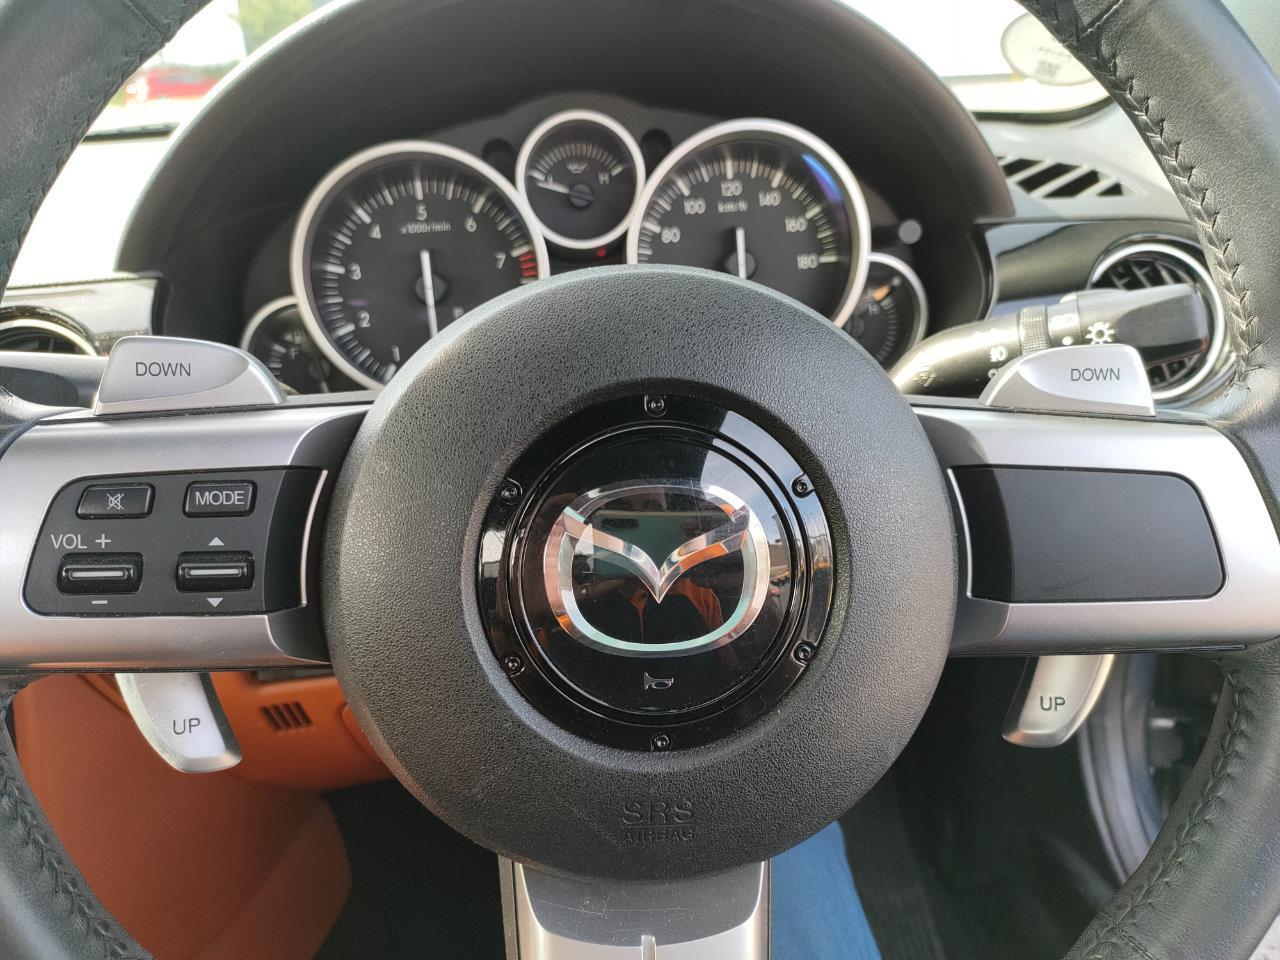 image-11, 2006 Mazda Roadster at Christchurch